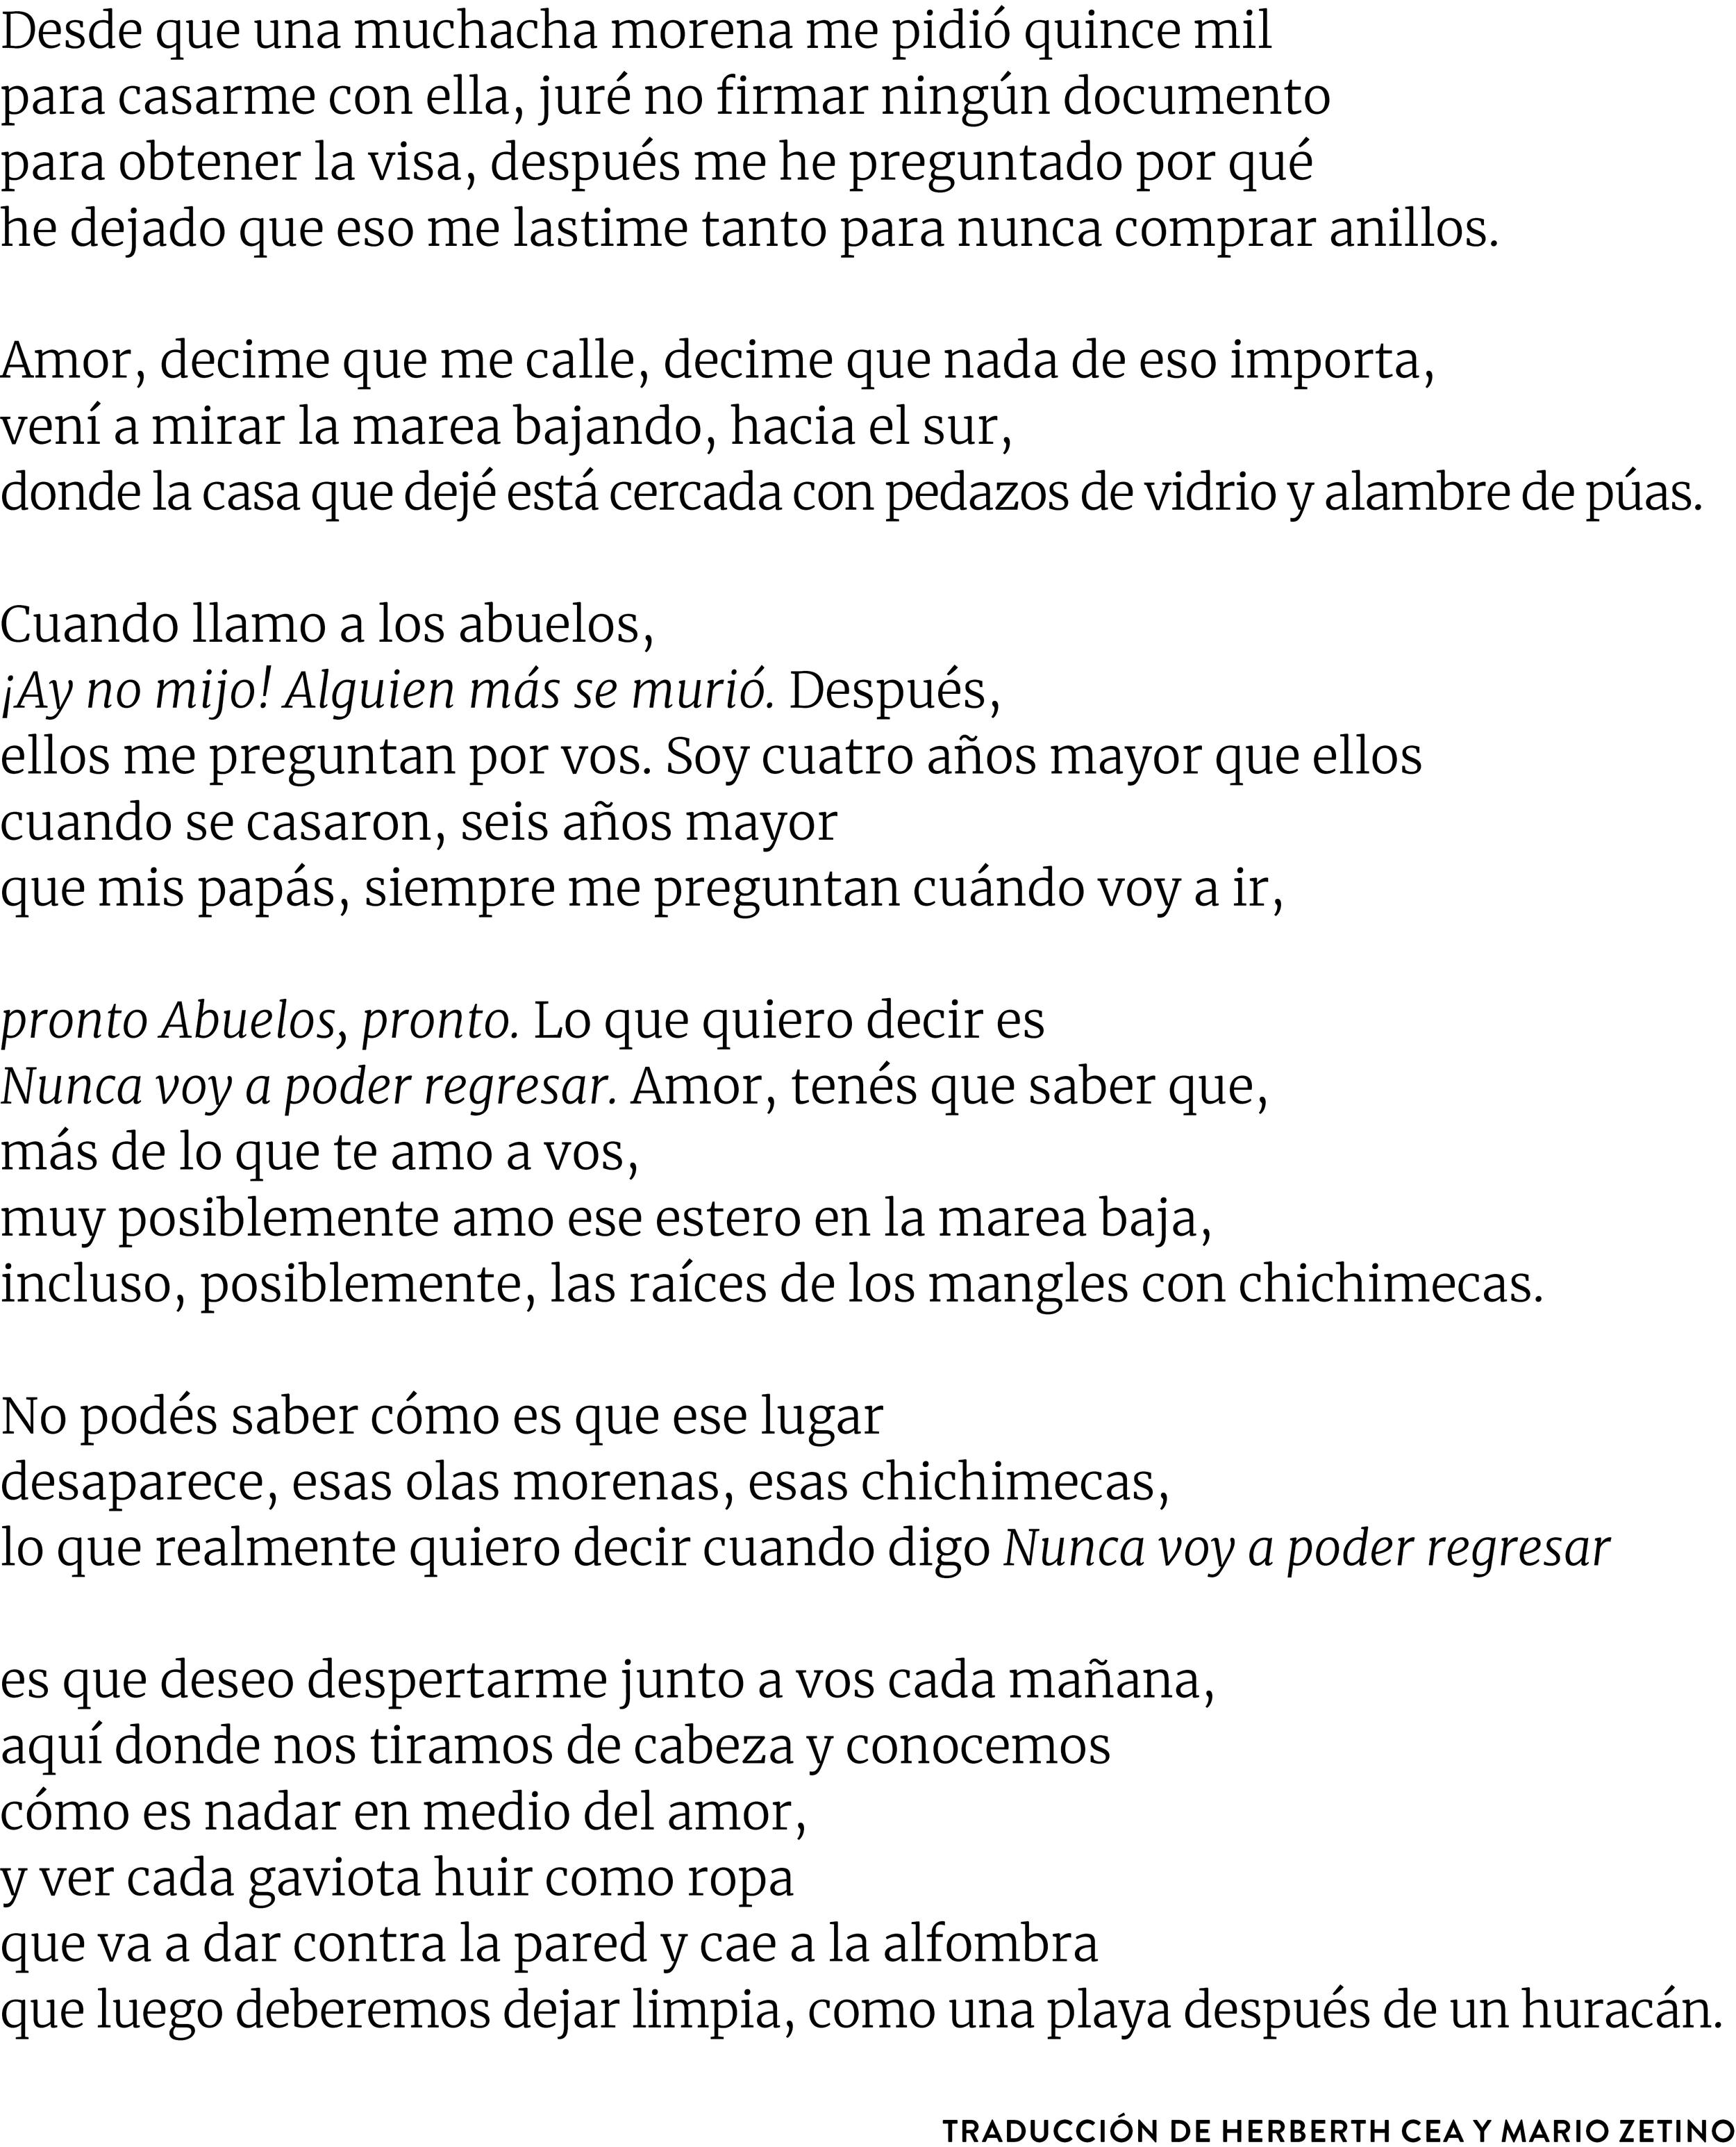 ES Javier Zamora3.png